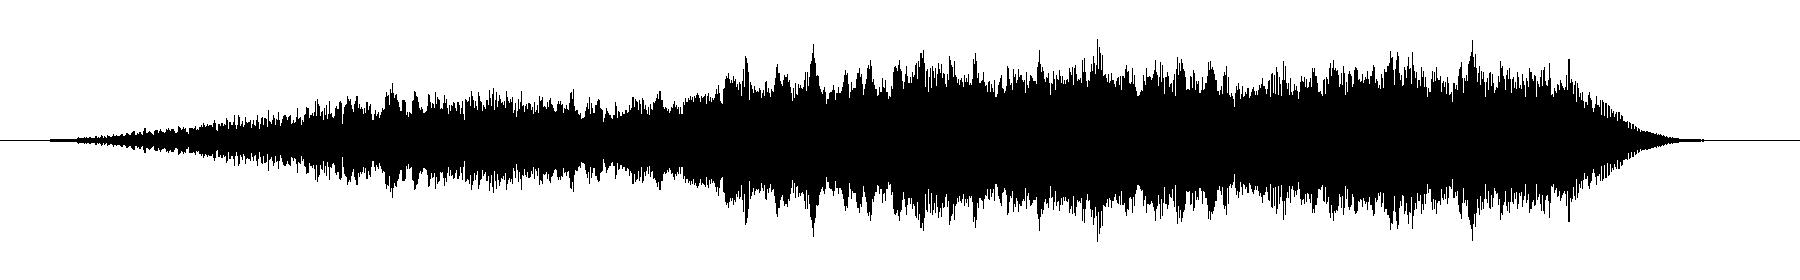 str glissoct 07 xc